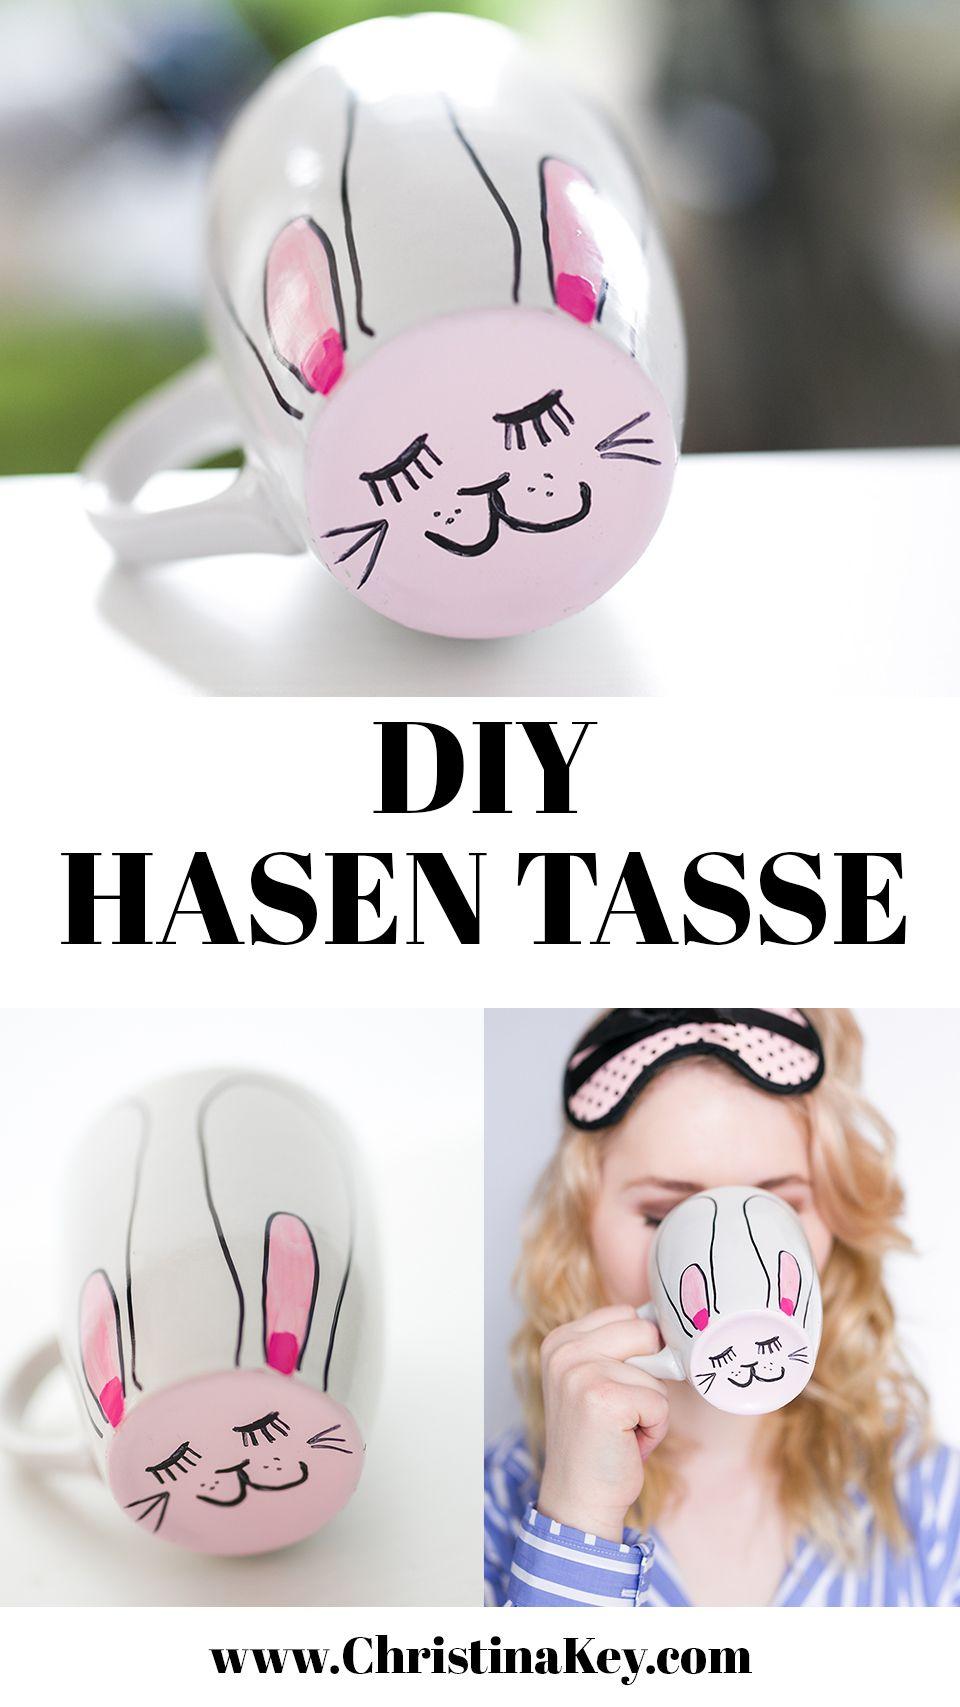 Hasen Tasse - Diy Oster Ideen (Mit Bildern) | Diy ganzes Osterhasen Gesicht